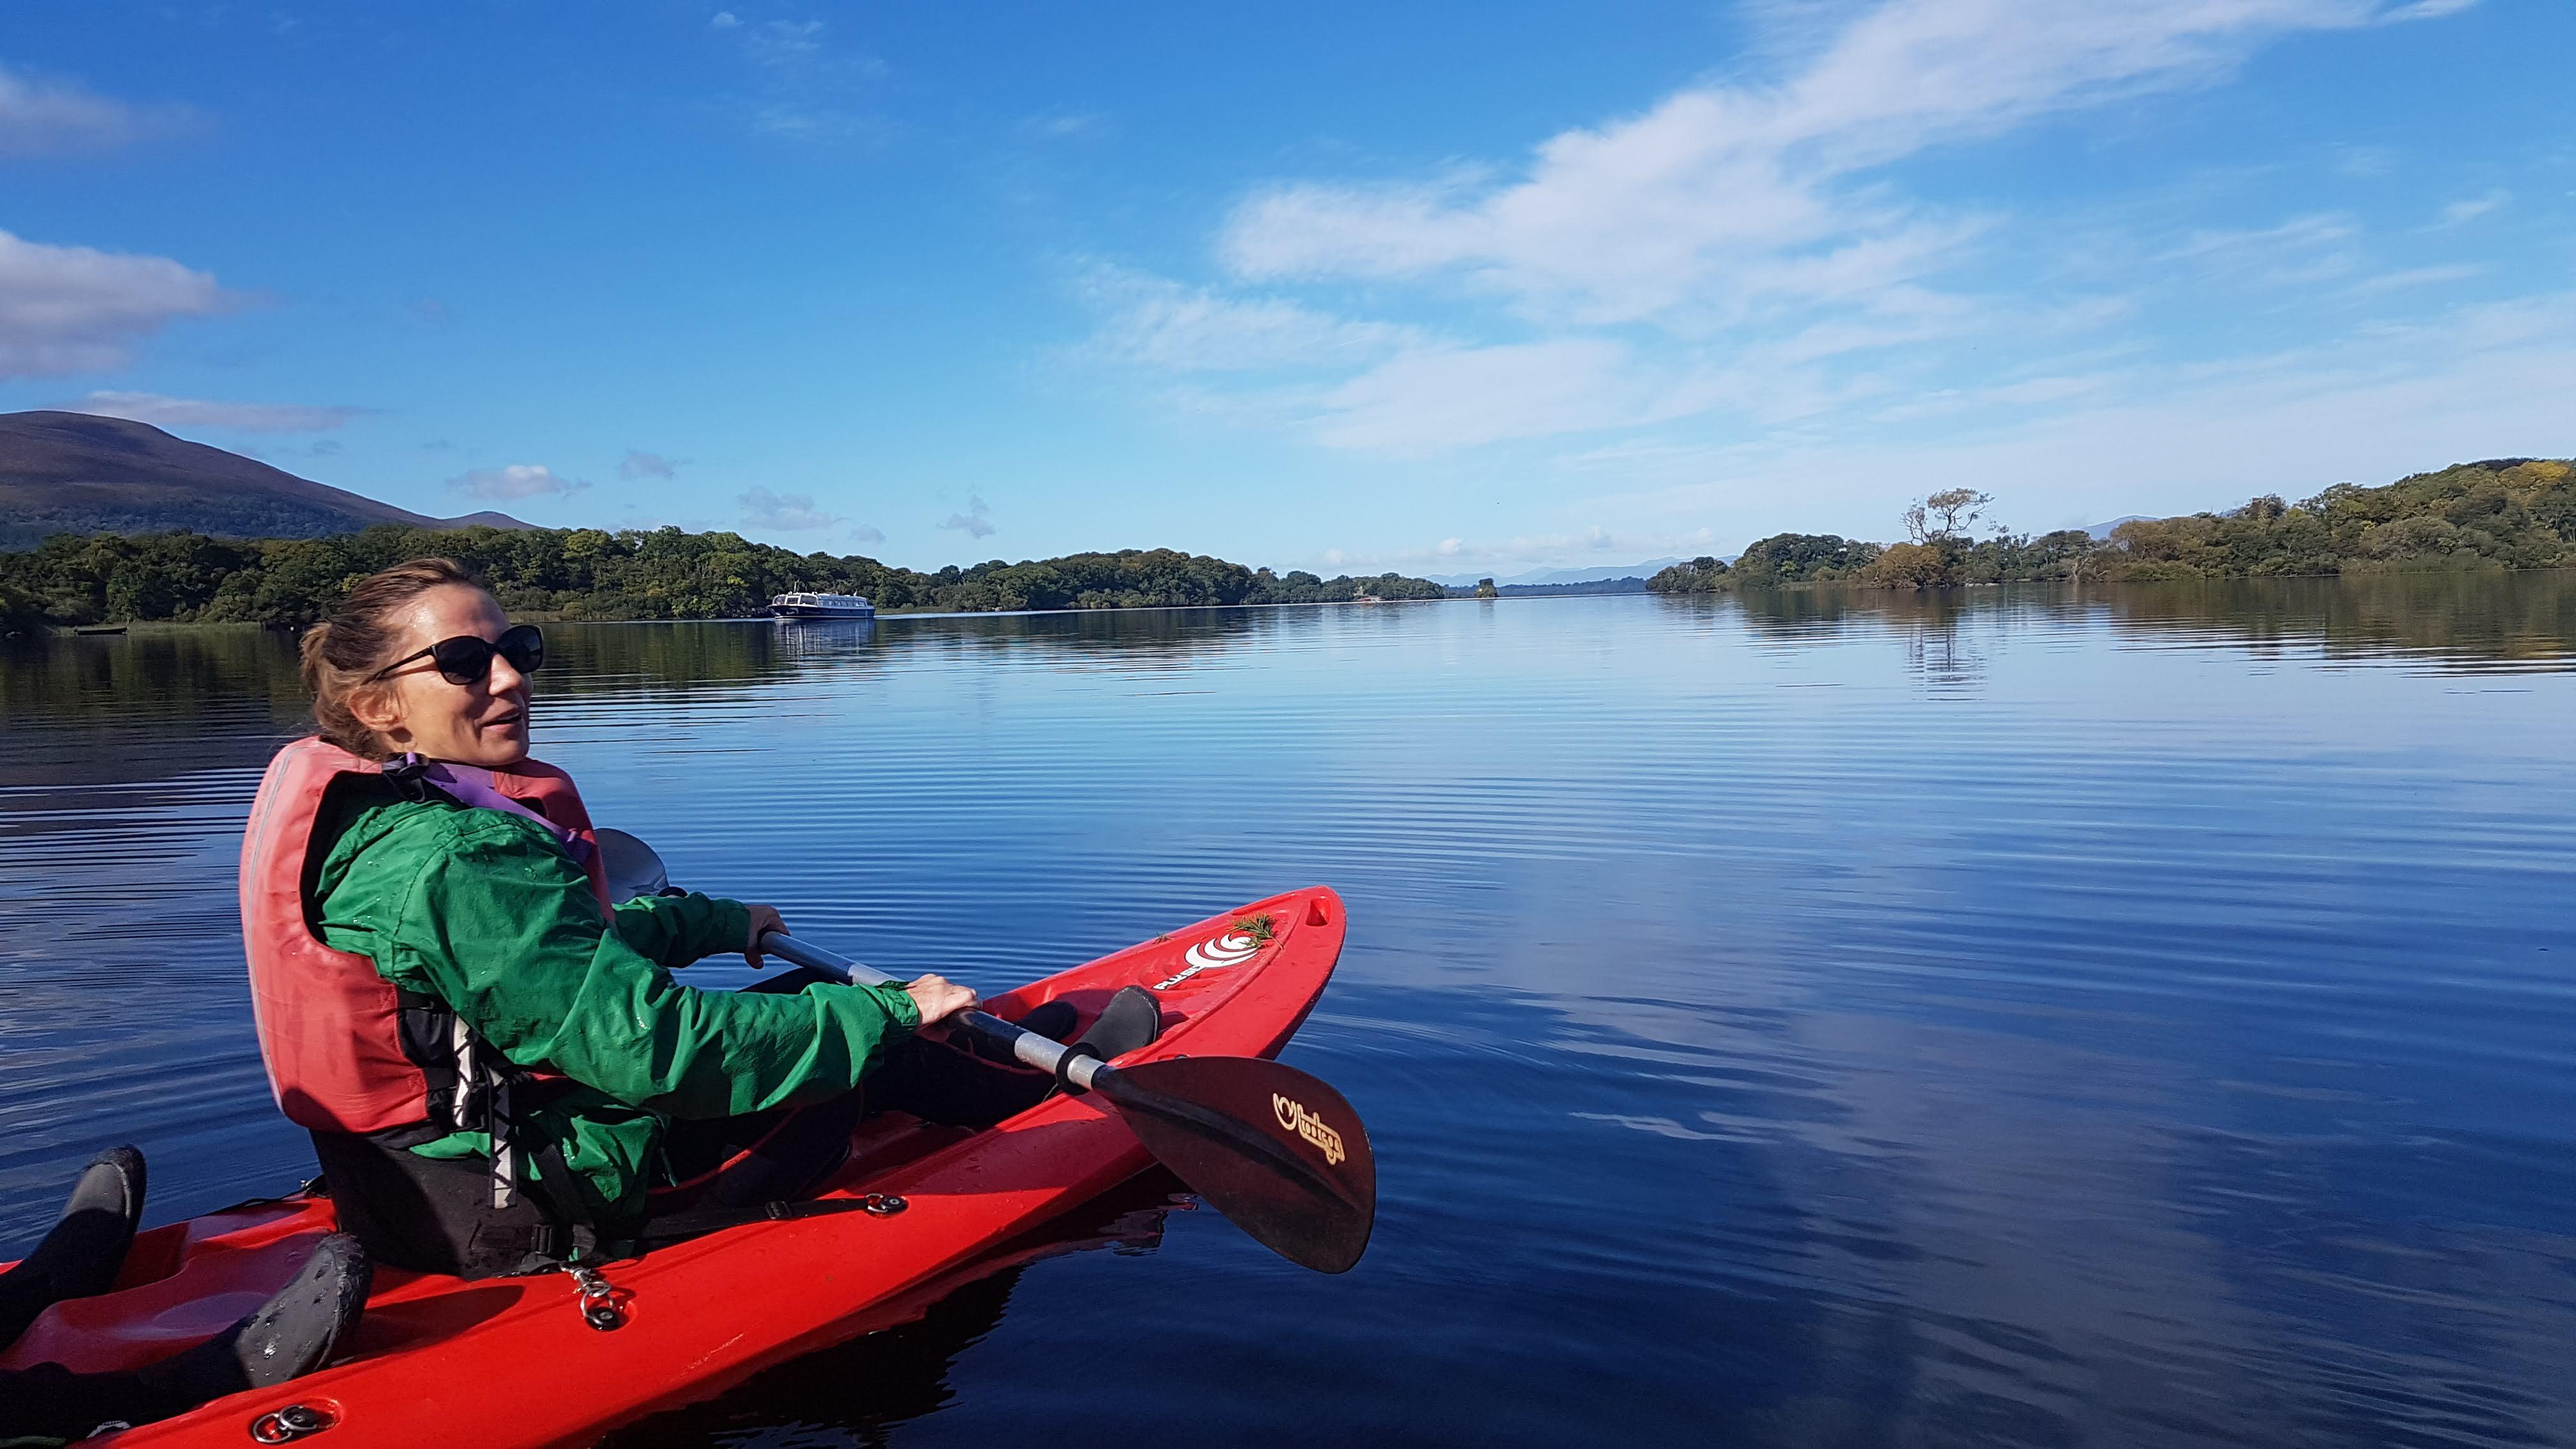 Enjoy kayaking in Killarney Lakes